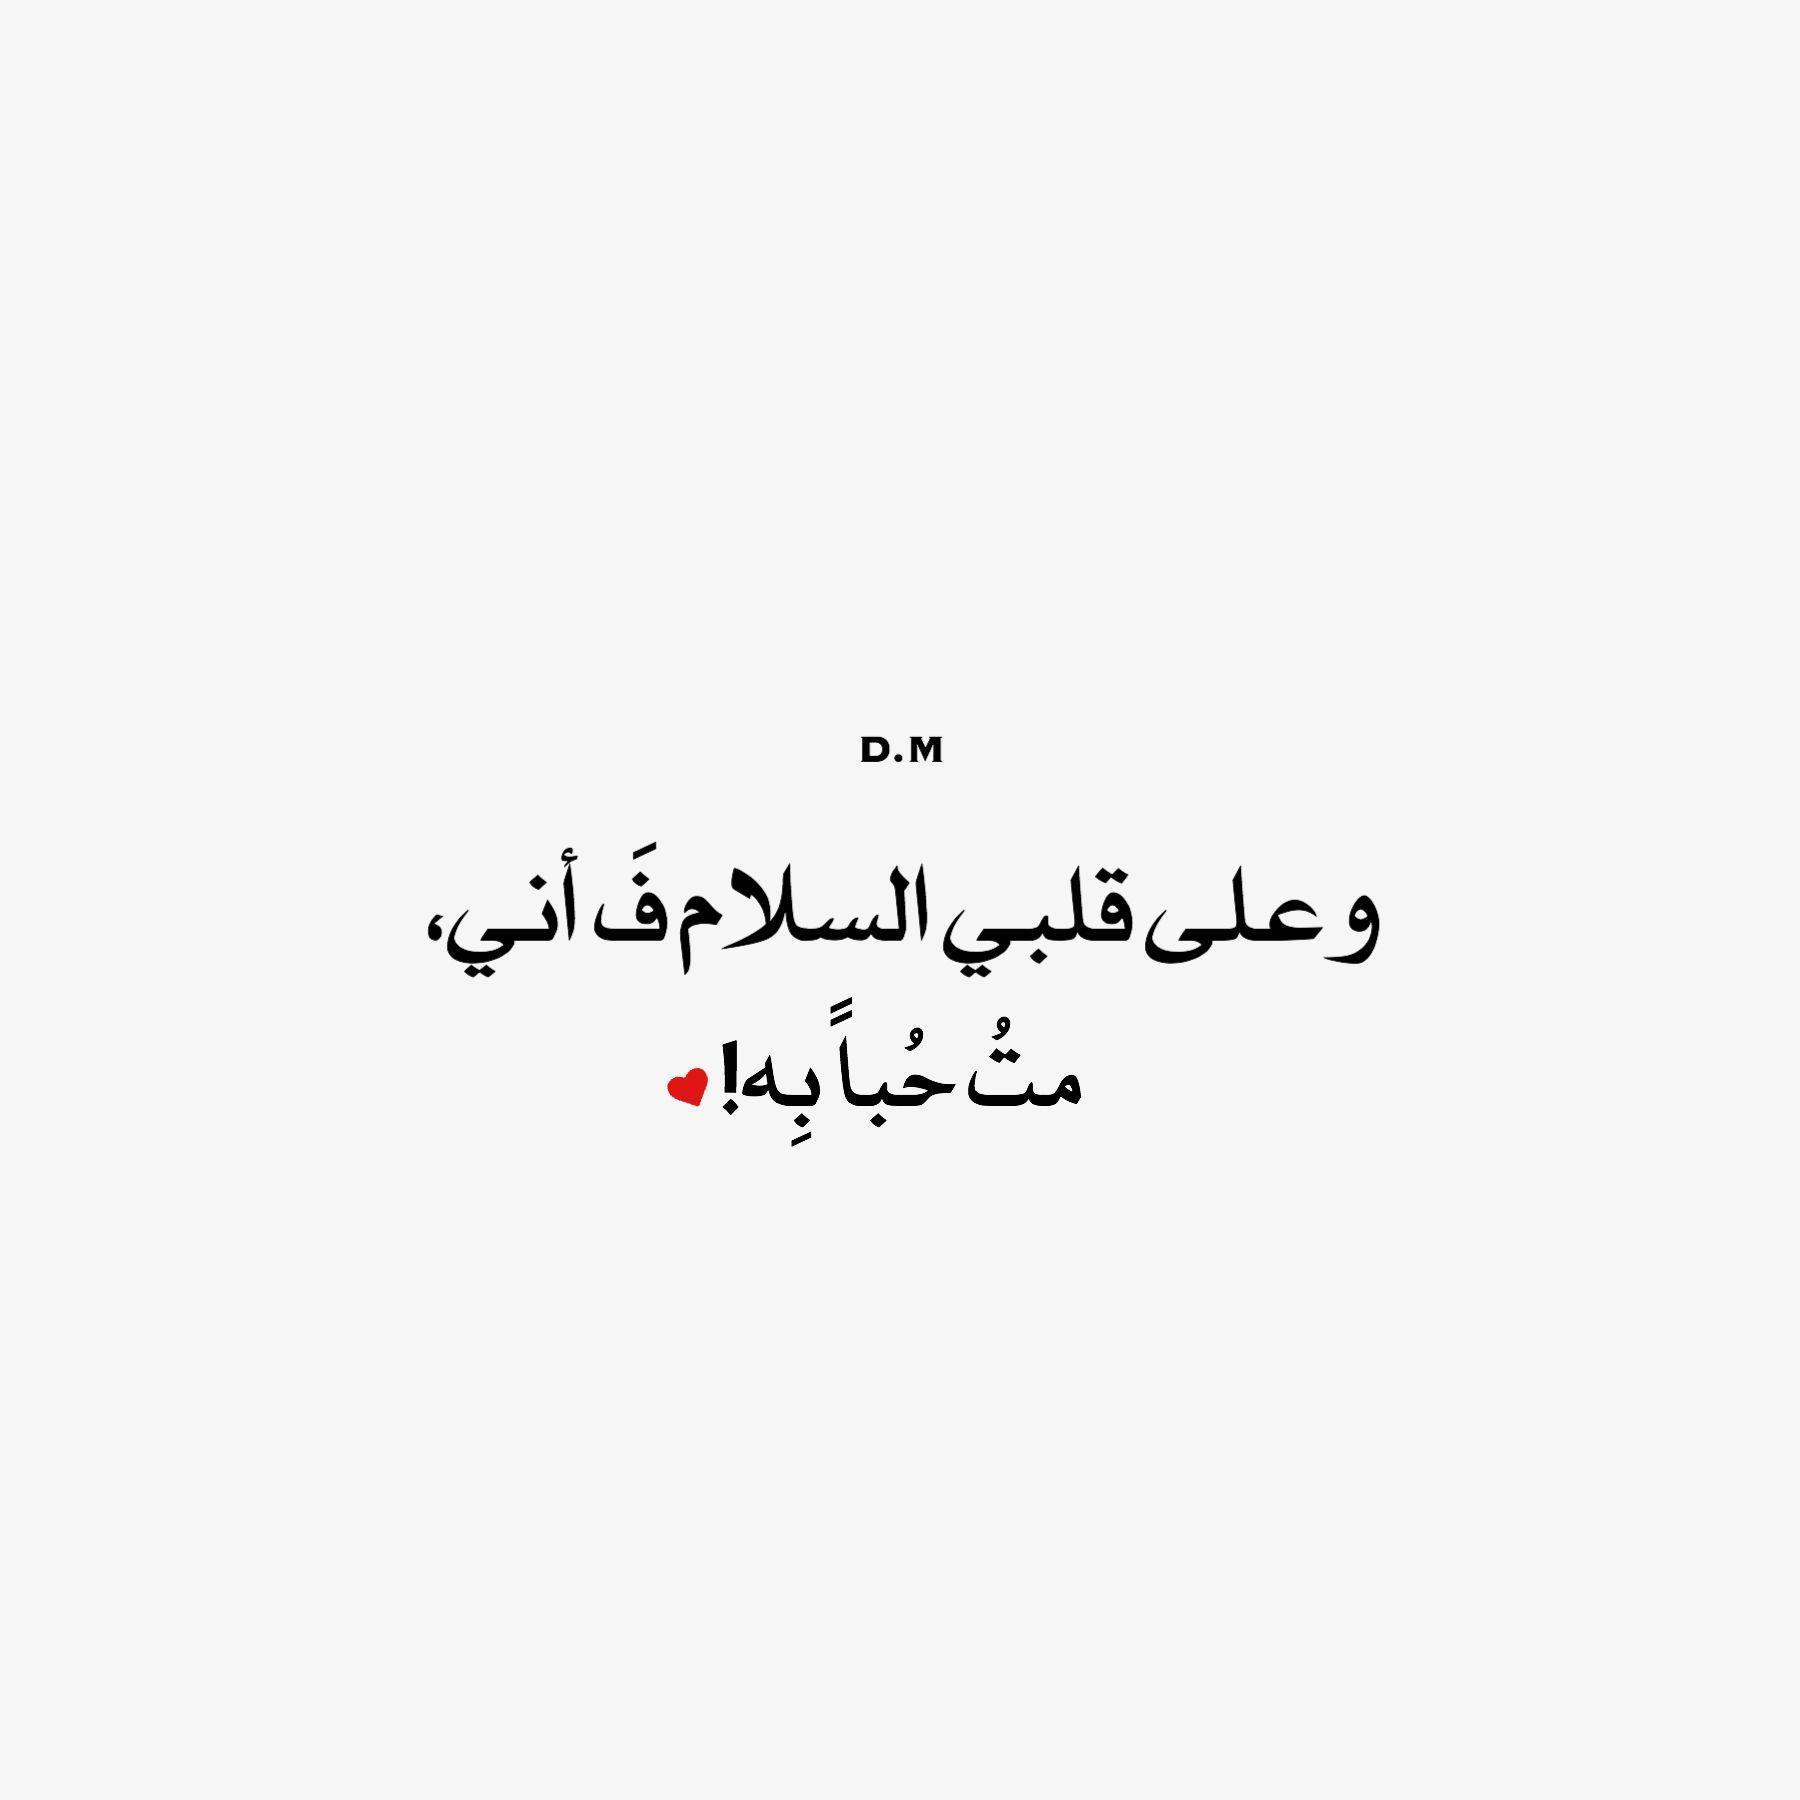 حچي عراقي حچي عراقي حجي عراقي إقتباسات اقتباسات فصيح حب غزل عشق شتاء D M Dm Dmk Mk Alls Dmsharqimk Sharqimk Leujoy Words Love Words Quotes